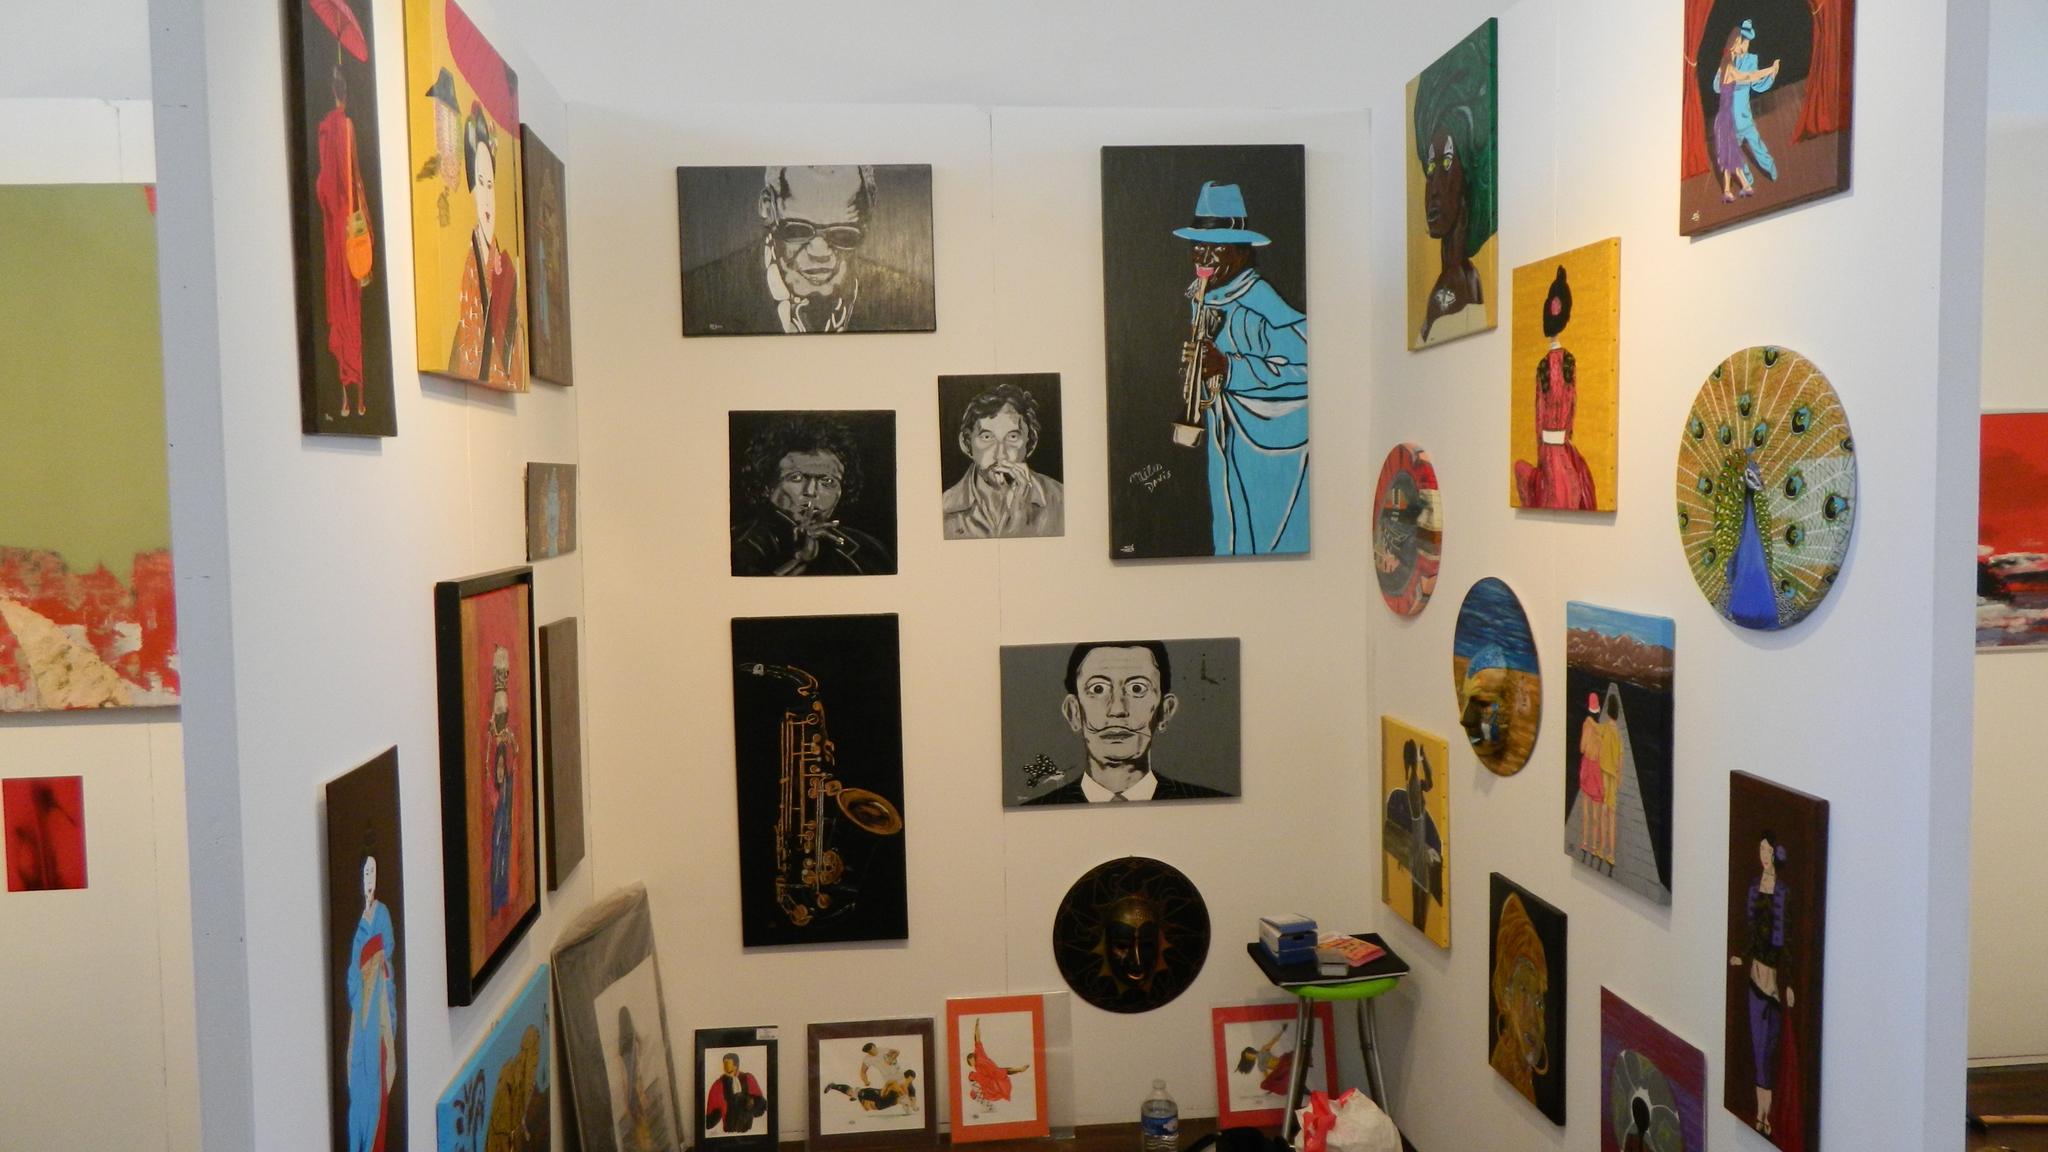 Salon d'art abordable à la Bellevilloise - Culturclub